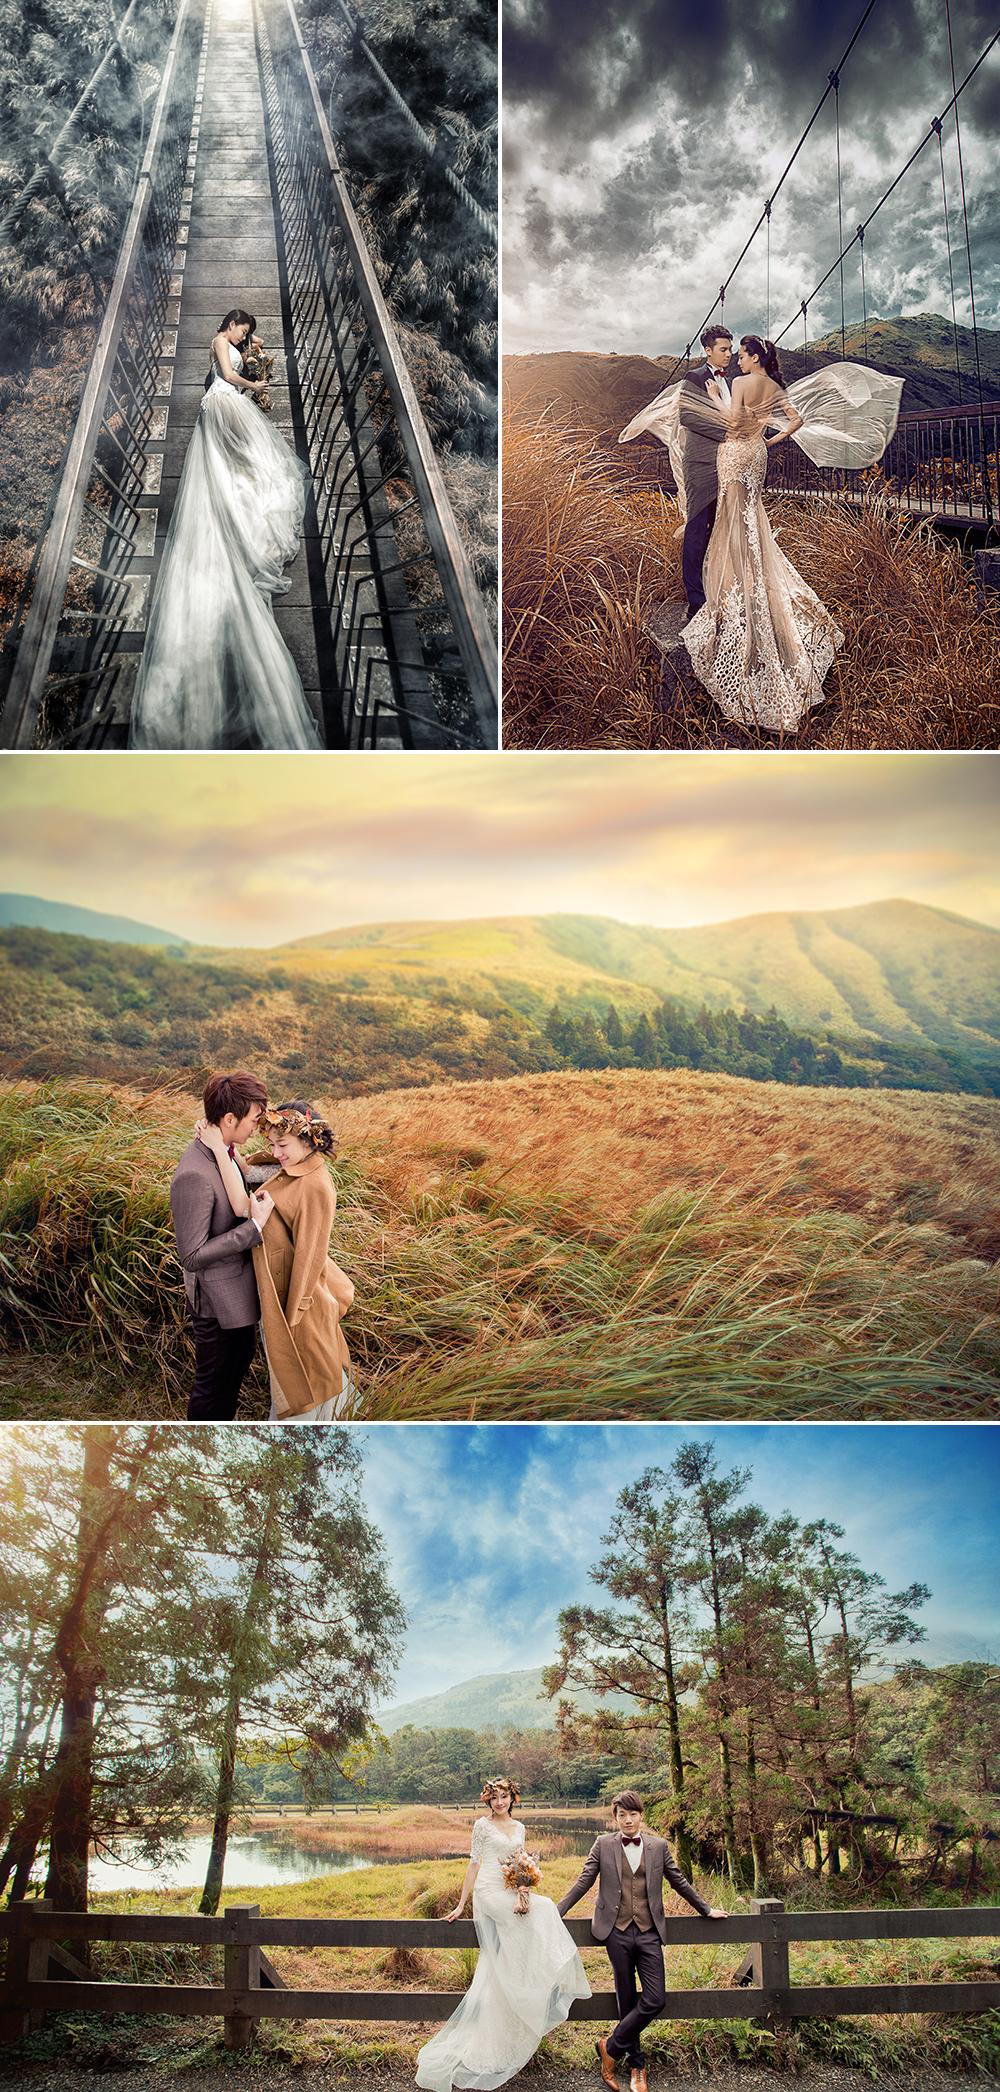 台灣婚紗照外拍景點 - 陽明山冷水坑生態池